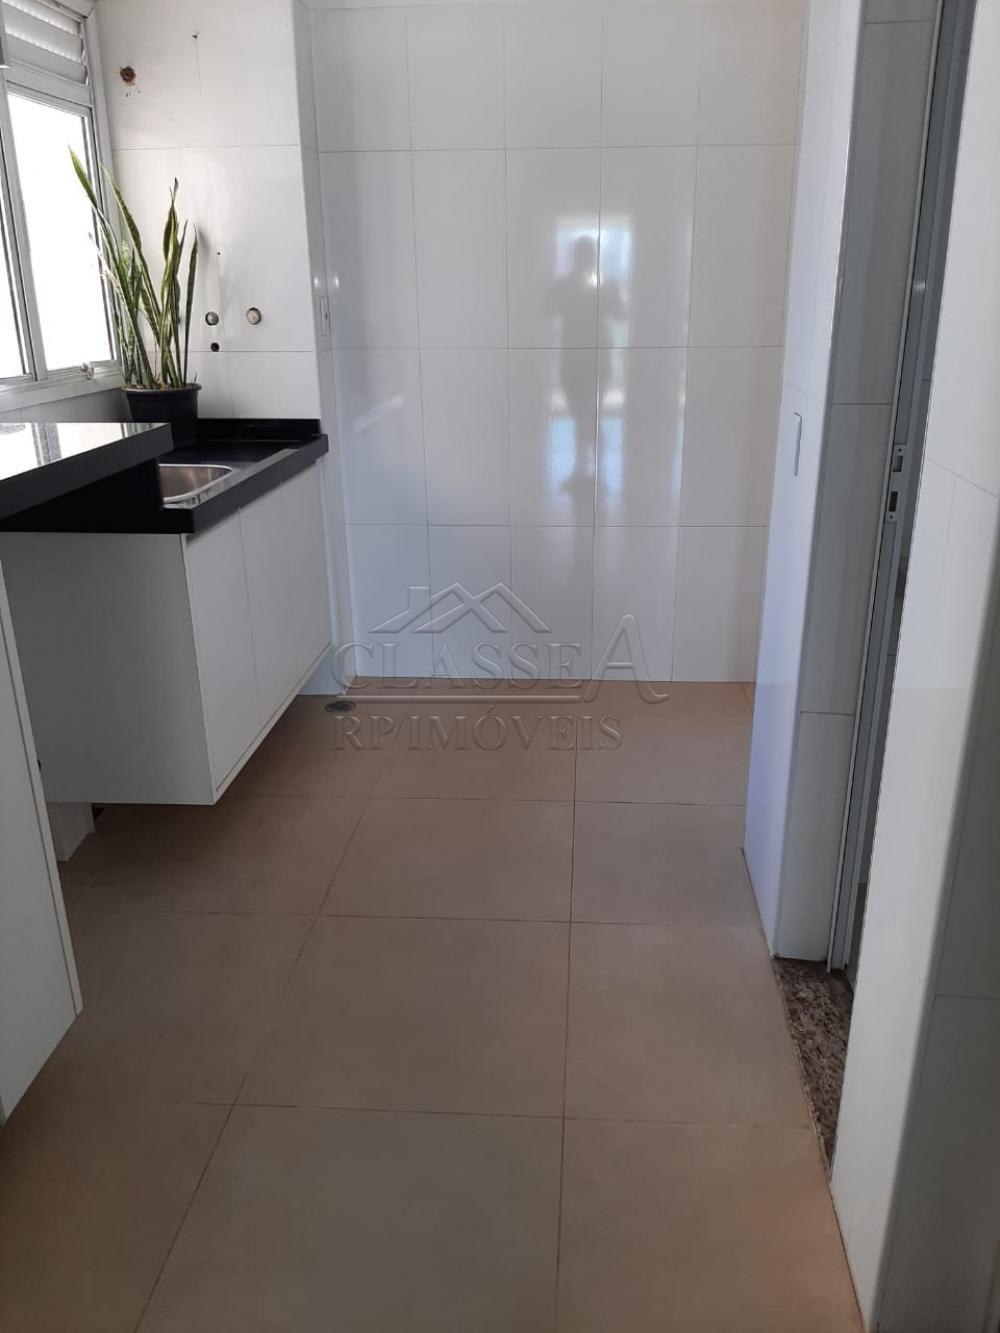 Comprar Apartamento / Padrão em Ribeirão Preto R$ 1.020.000,00 - Foto 10